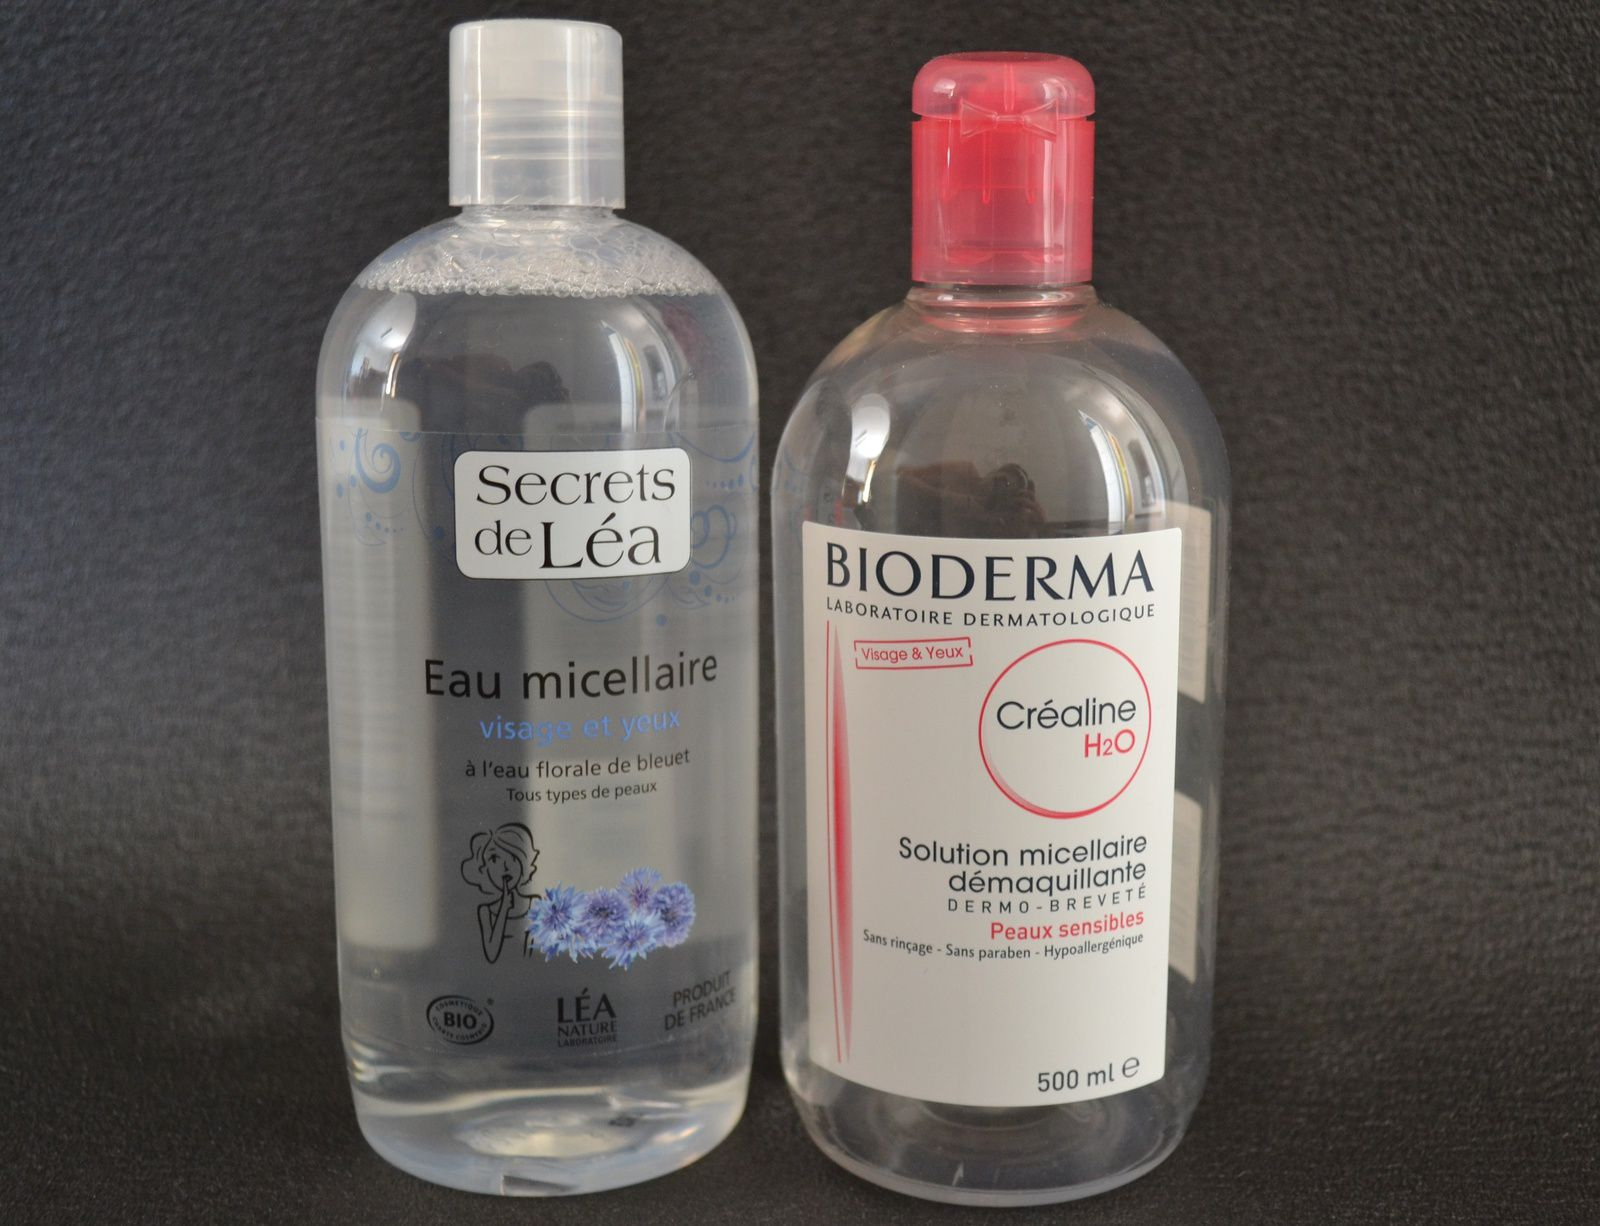 ... les eaux micellaires: Créaline H2O Vs Secrets de Léa